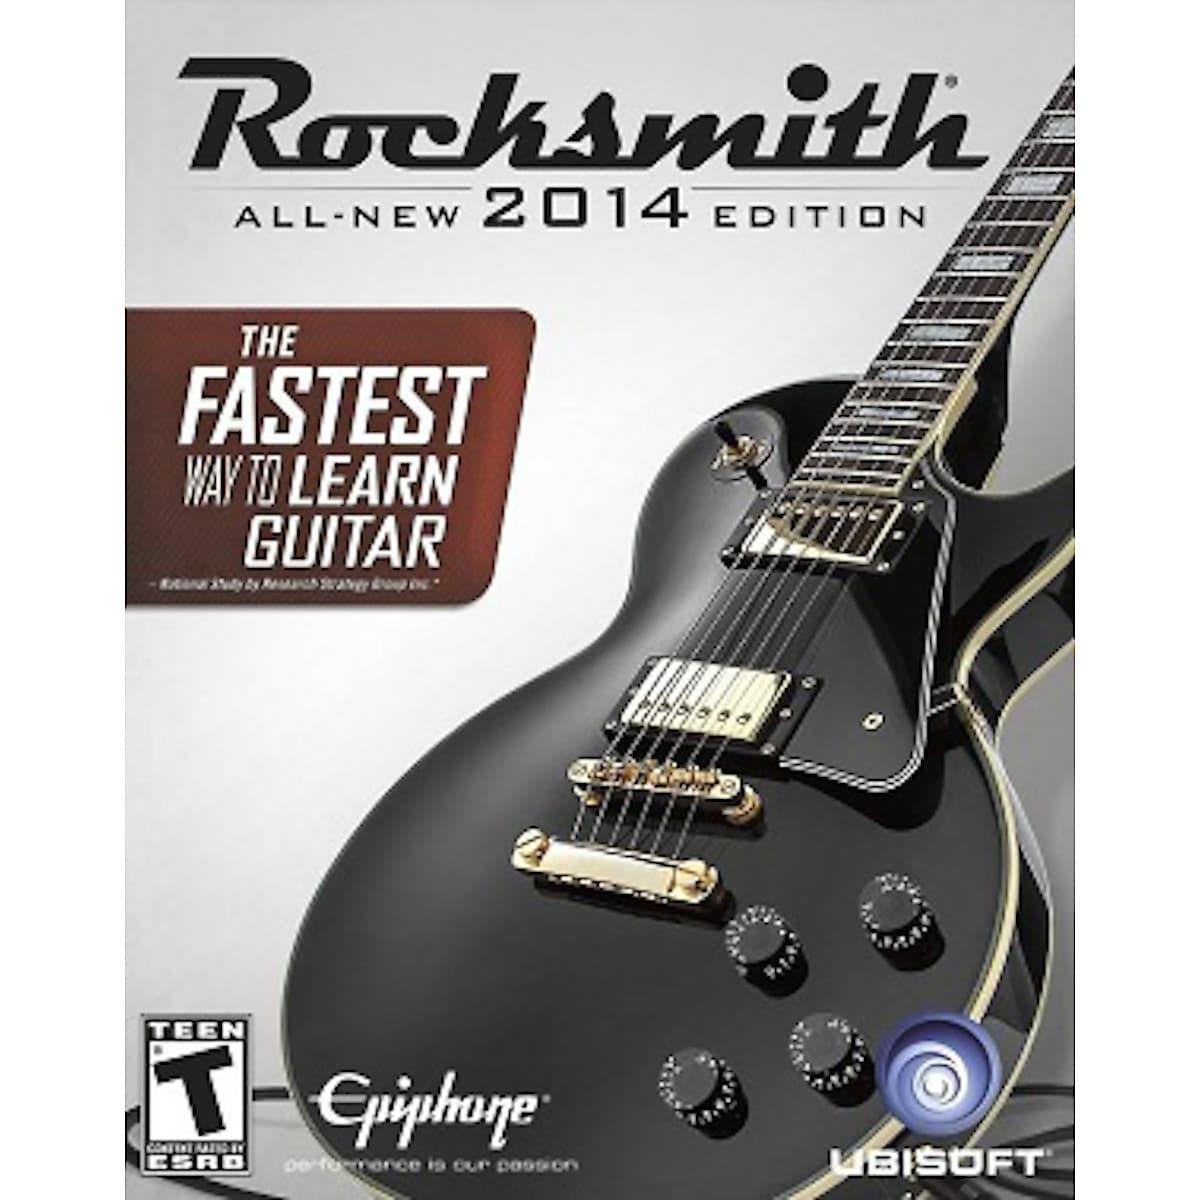 Rocksmith 2014 spill for Playstation 3